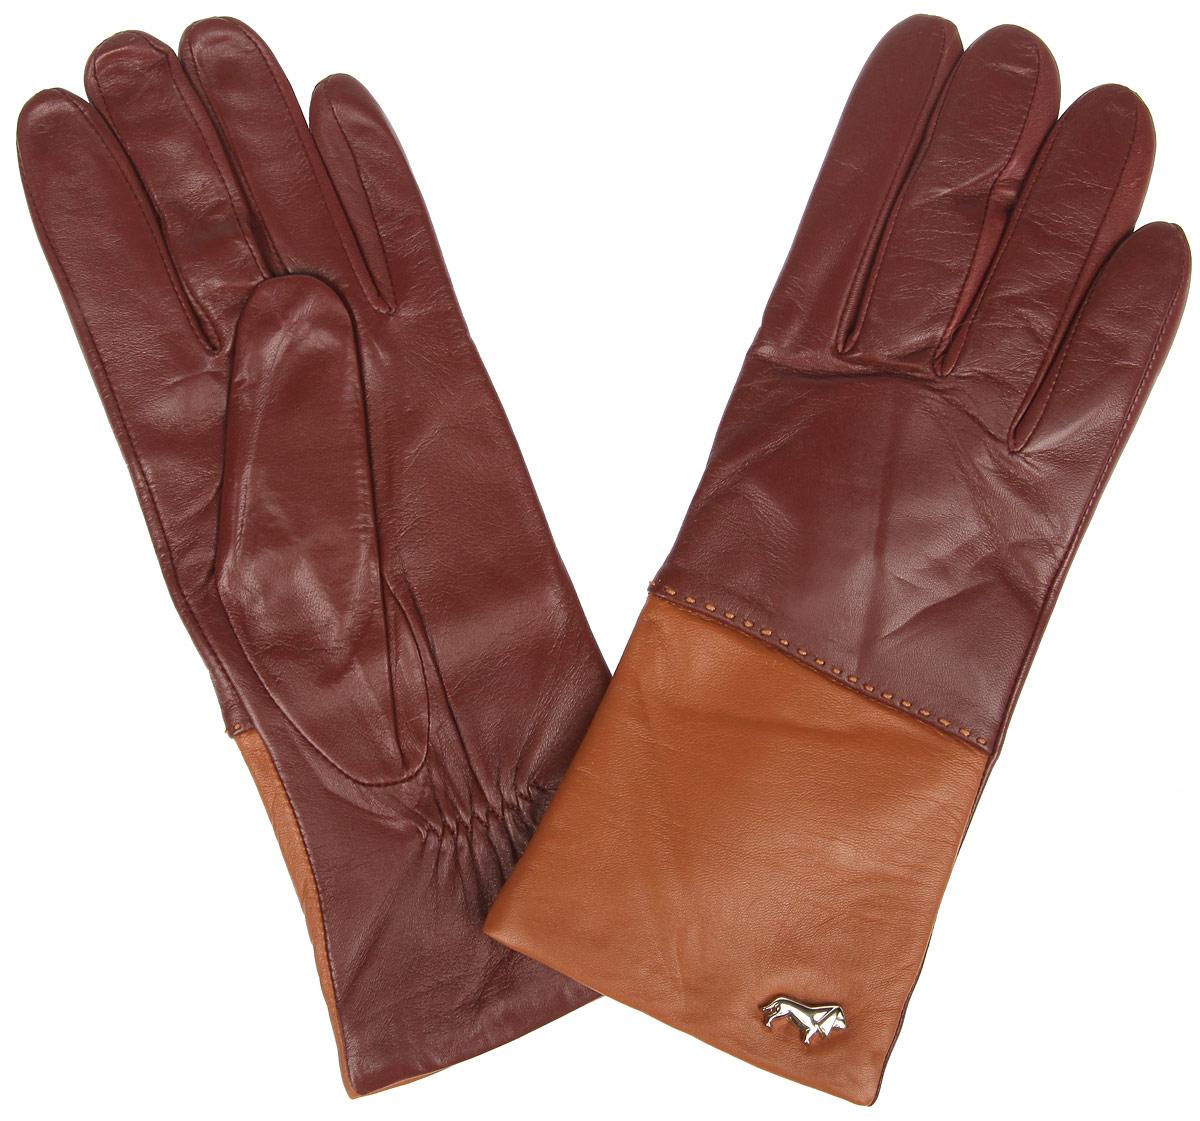 ПерчаткиLB-7777Женские перчатки Labbra не только защитят ваши руки от холода, но и станут стильным украшением. Перчатки выполнены из натуральной кожи ягненка. Они мягкие, максимально сохраняют тепло, идеально сидят на руке. Подкладка изделия изготовлена из шерсти с добавлением акрила. Лицевая сторона изделия дополнена декоративным элементом в виде логотипа бренда. На запястье модель присборена на небольшие эластичные резинки. Перчатки станут завершающим элементом вашего неповторимого стиля и подчеркнут вашу индивидуальность.